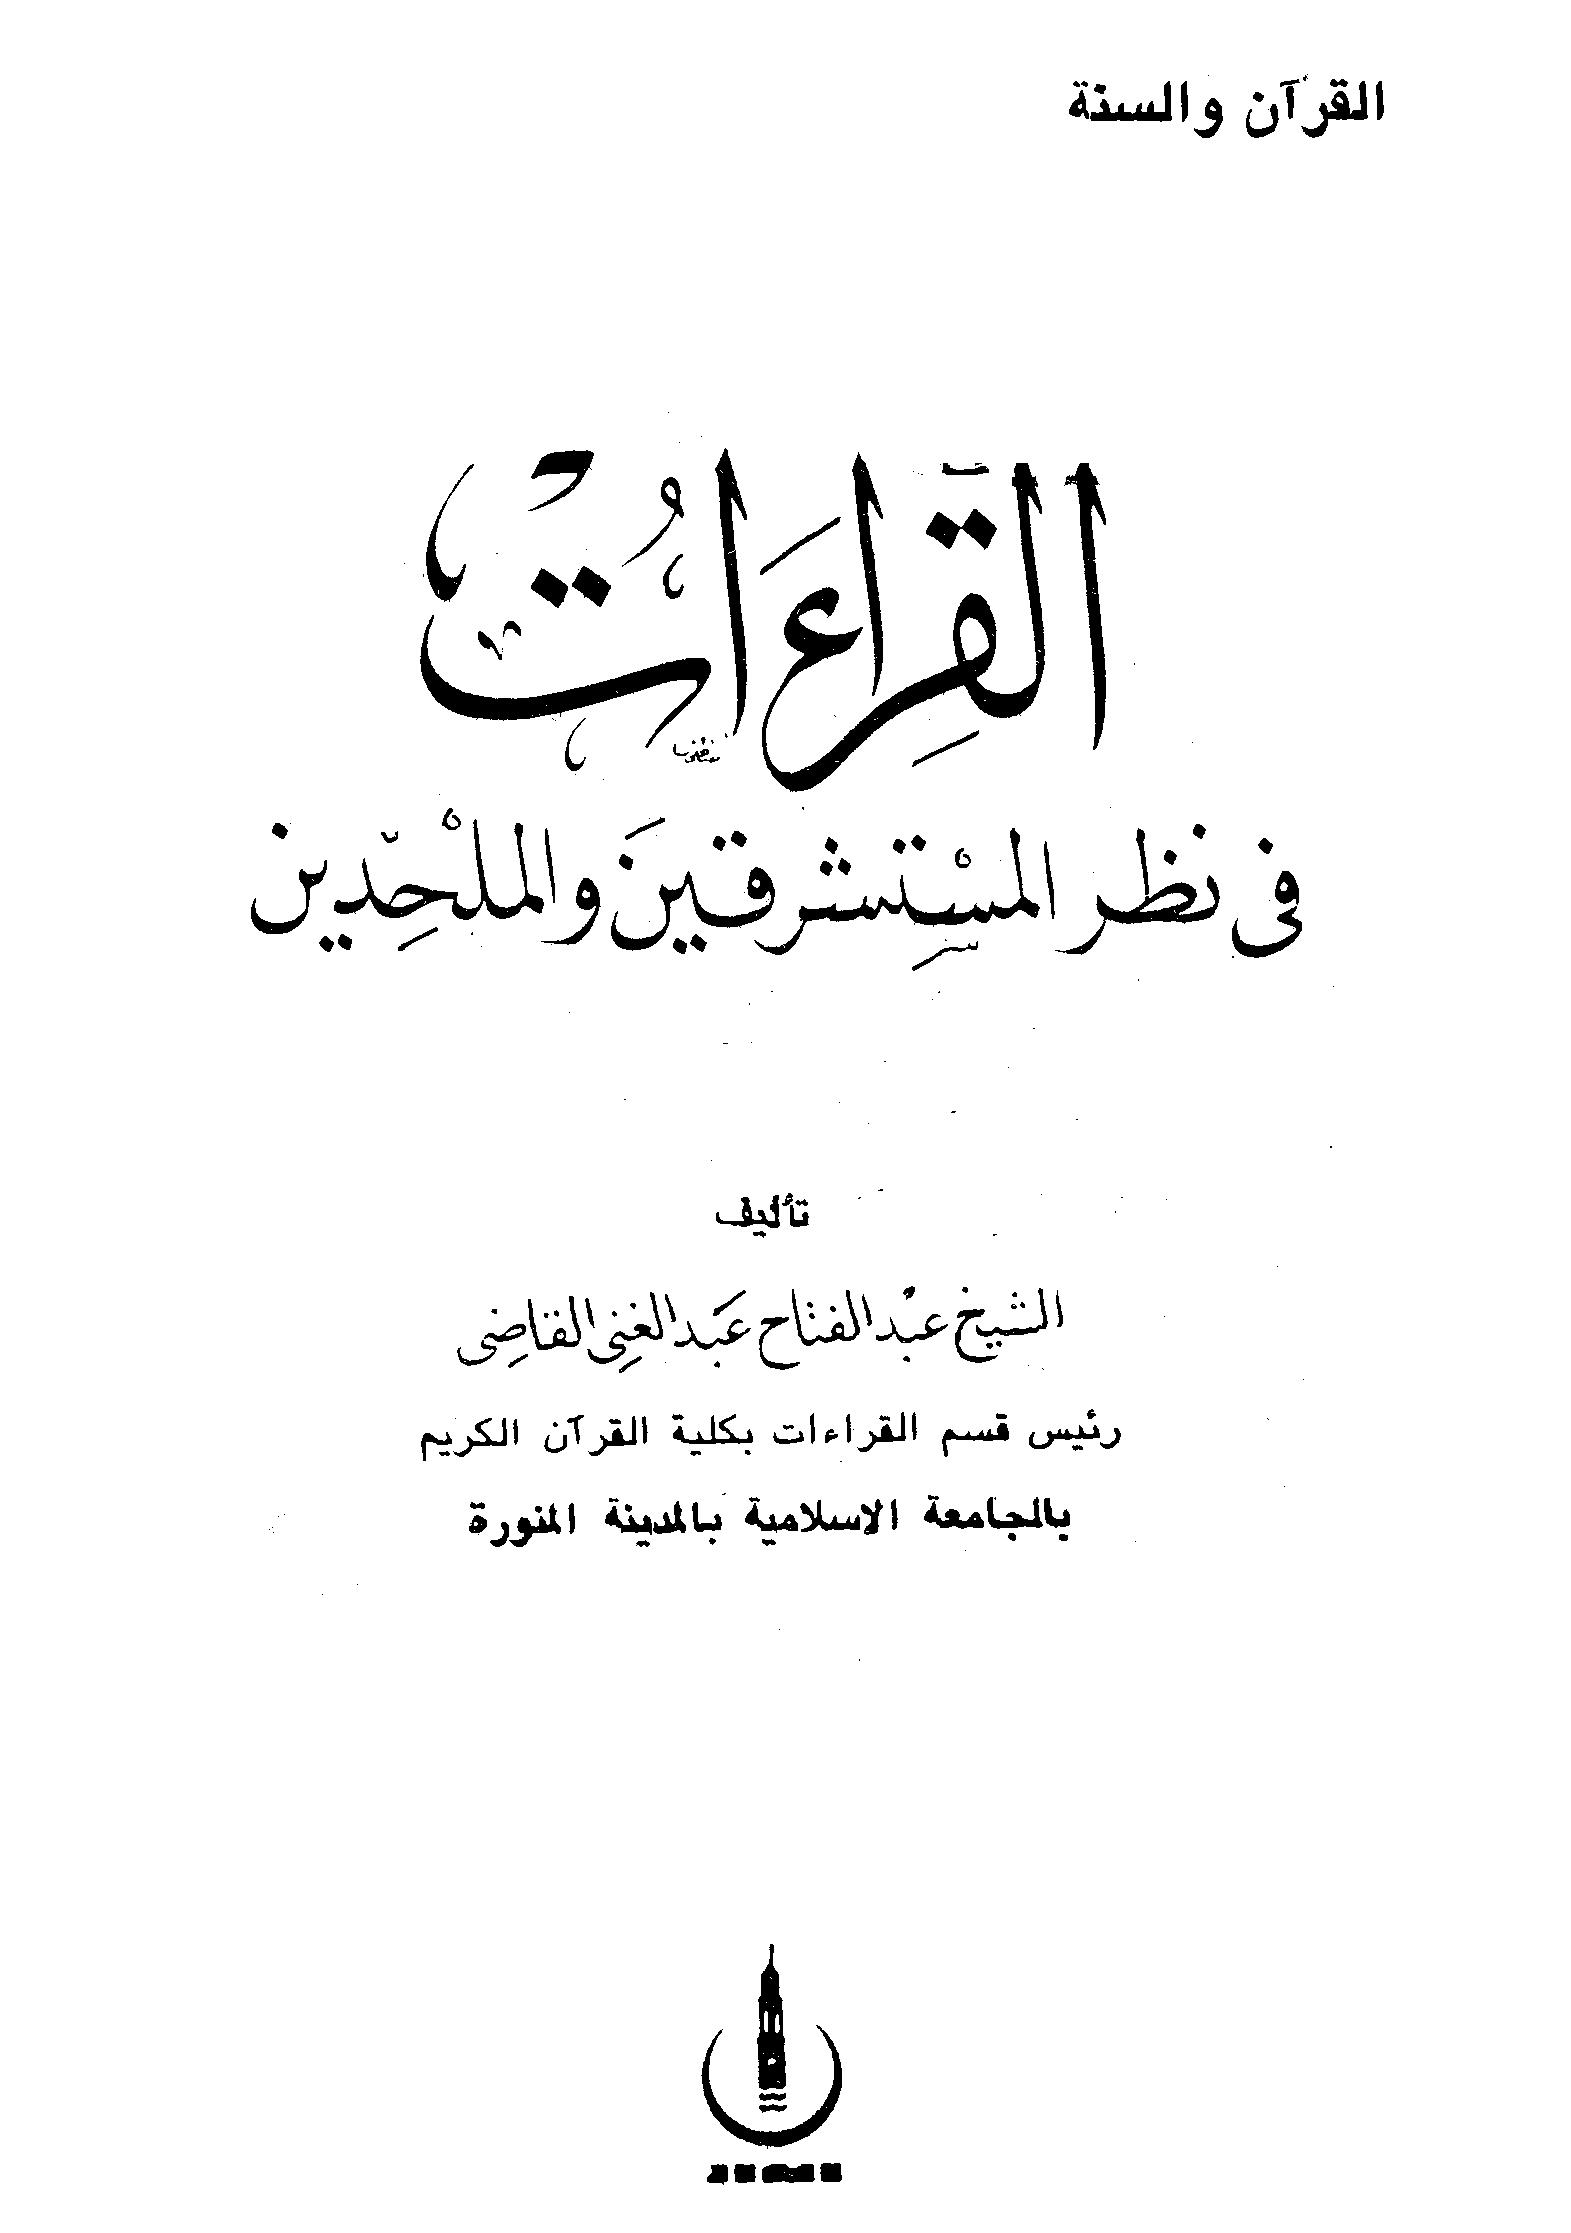 القراءات في نظر المستشرقين والملحدين - عبد الفتاح عبد الغني القاضي (ت 1403)